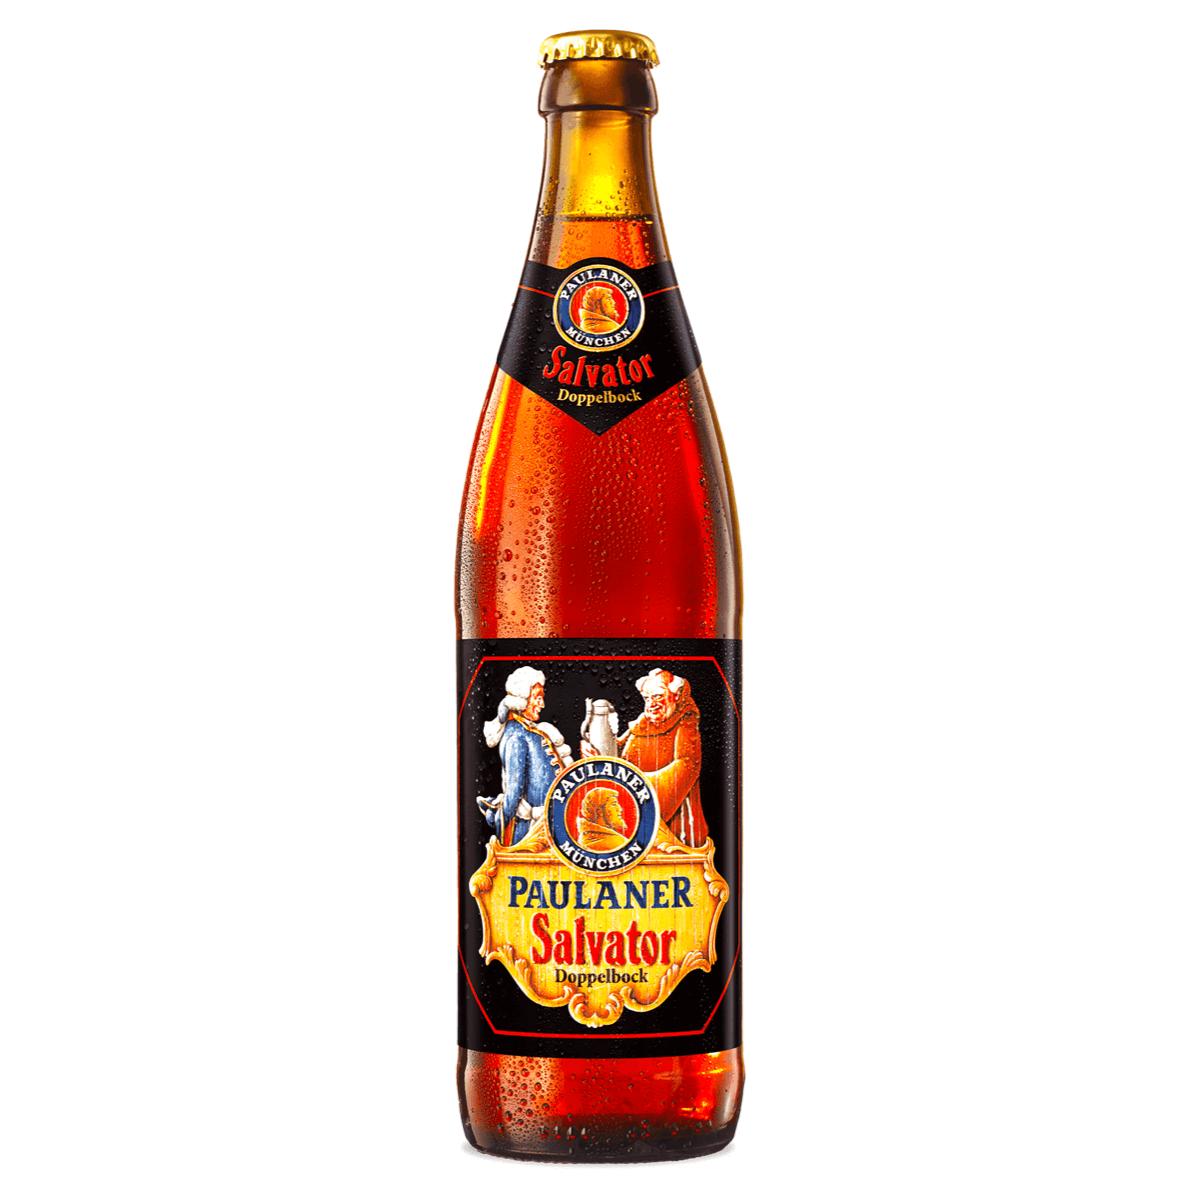 La bière Paulaner est celle brassée par les frères du monastère de Neudeck ob der Au dès le XVIIe siècle. Celui-ci a fermé mais la bière existe toujours. - paulaner.com